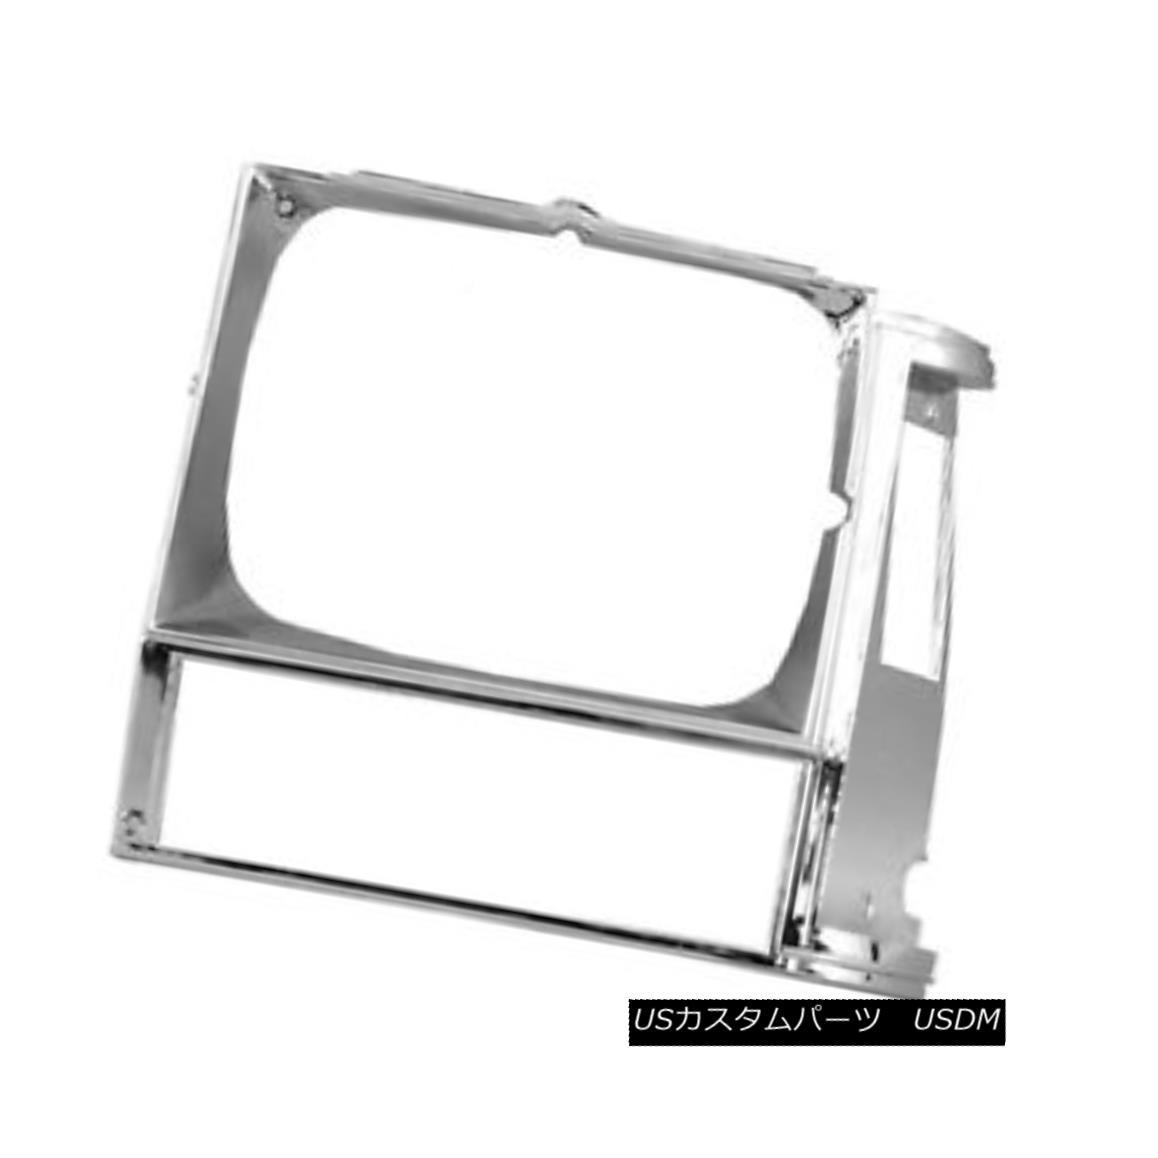 グリル New Replacement Driver Side Headlight Door Chrome 630-00136AL 新しい交換用ドライバサイドヘッドライトドアクローム630-00136AL